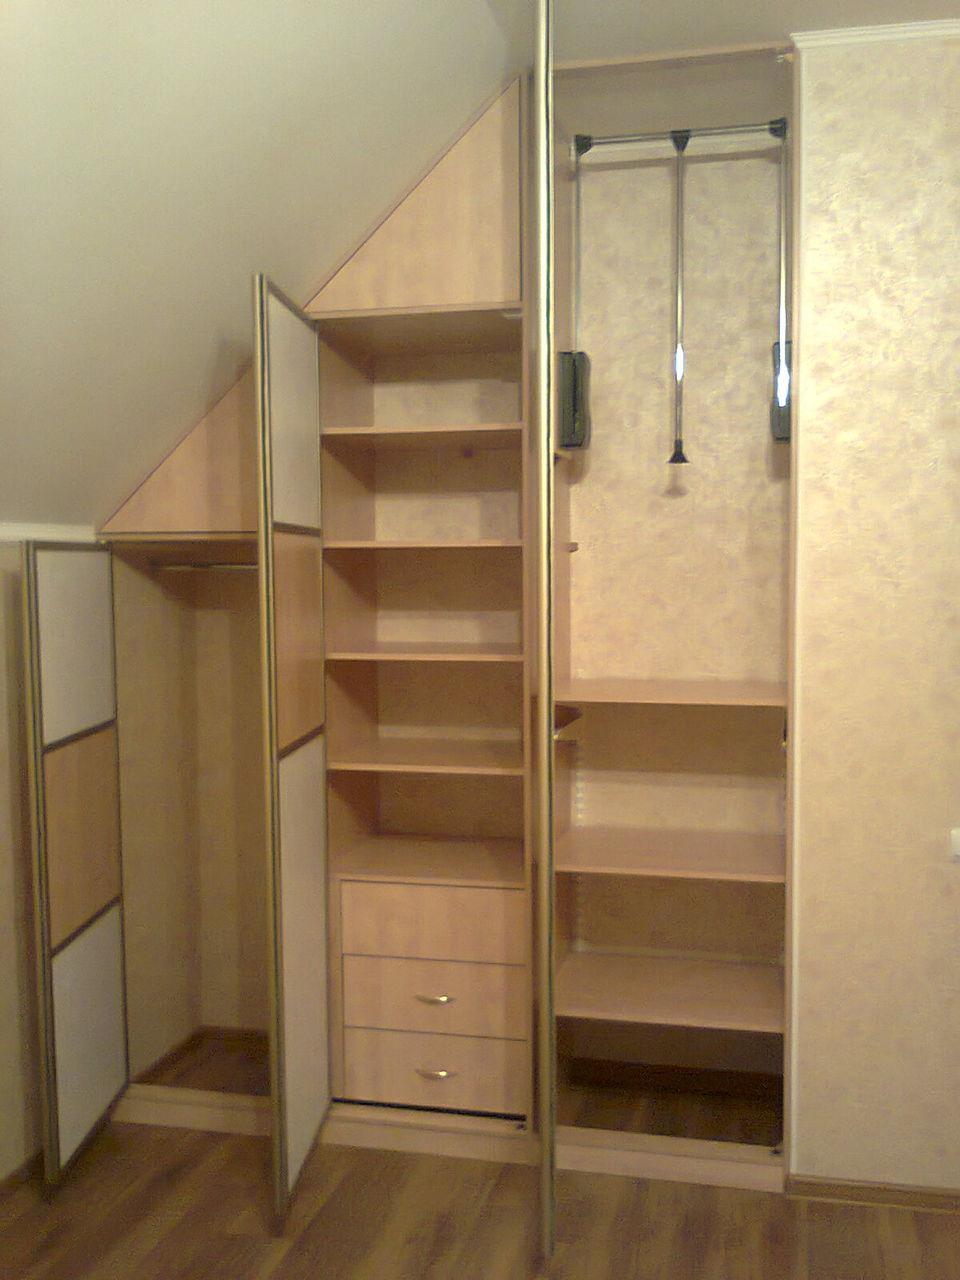 Распашные шкафы (70 фото): выбираем в спальню двухстворчатые.